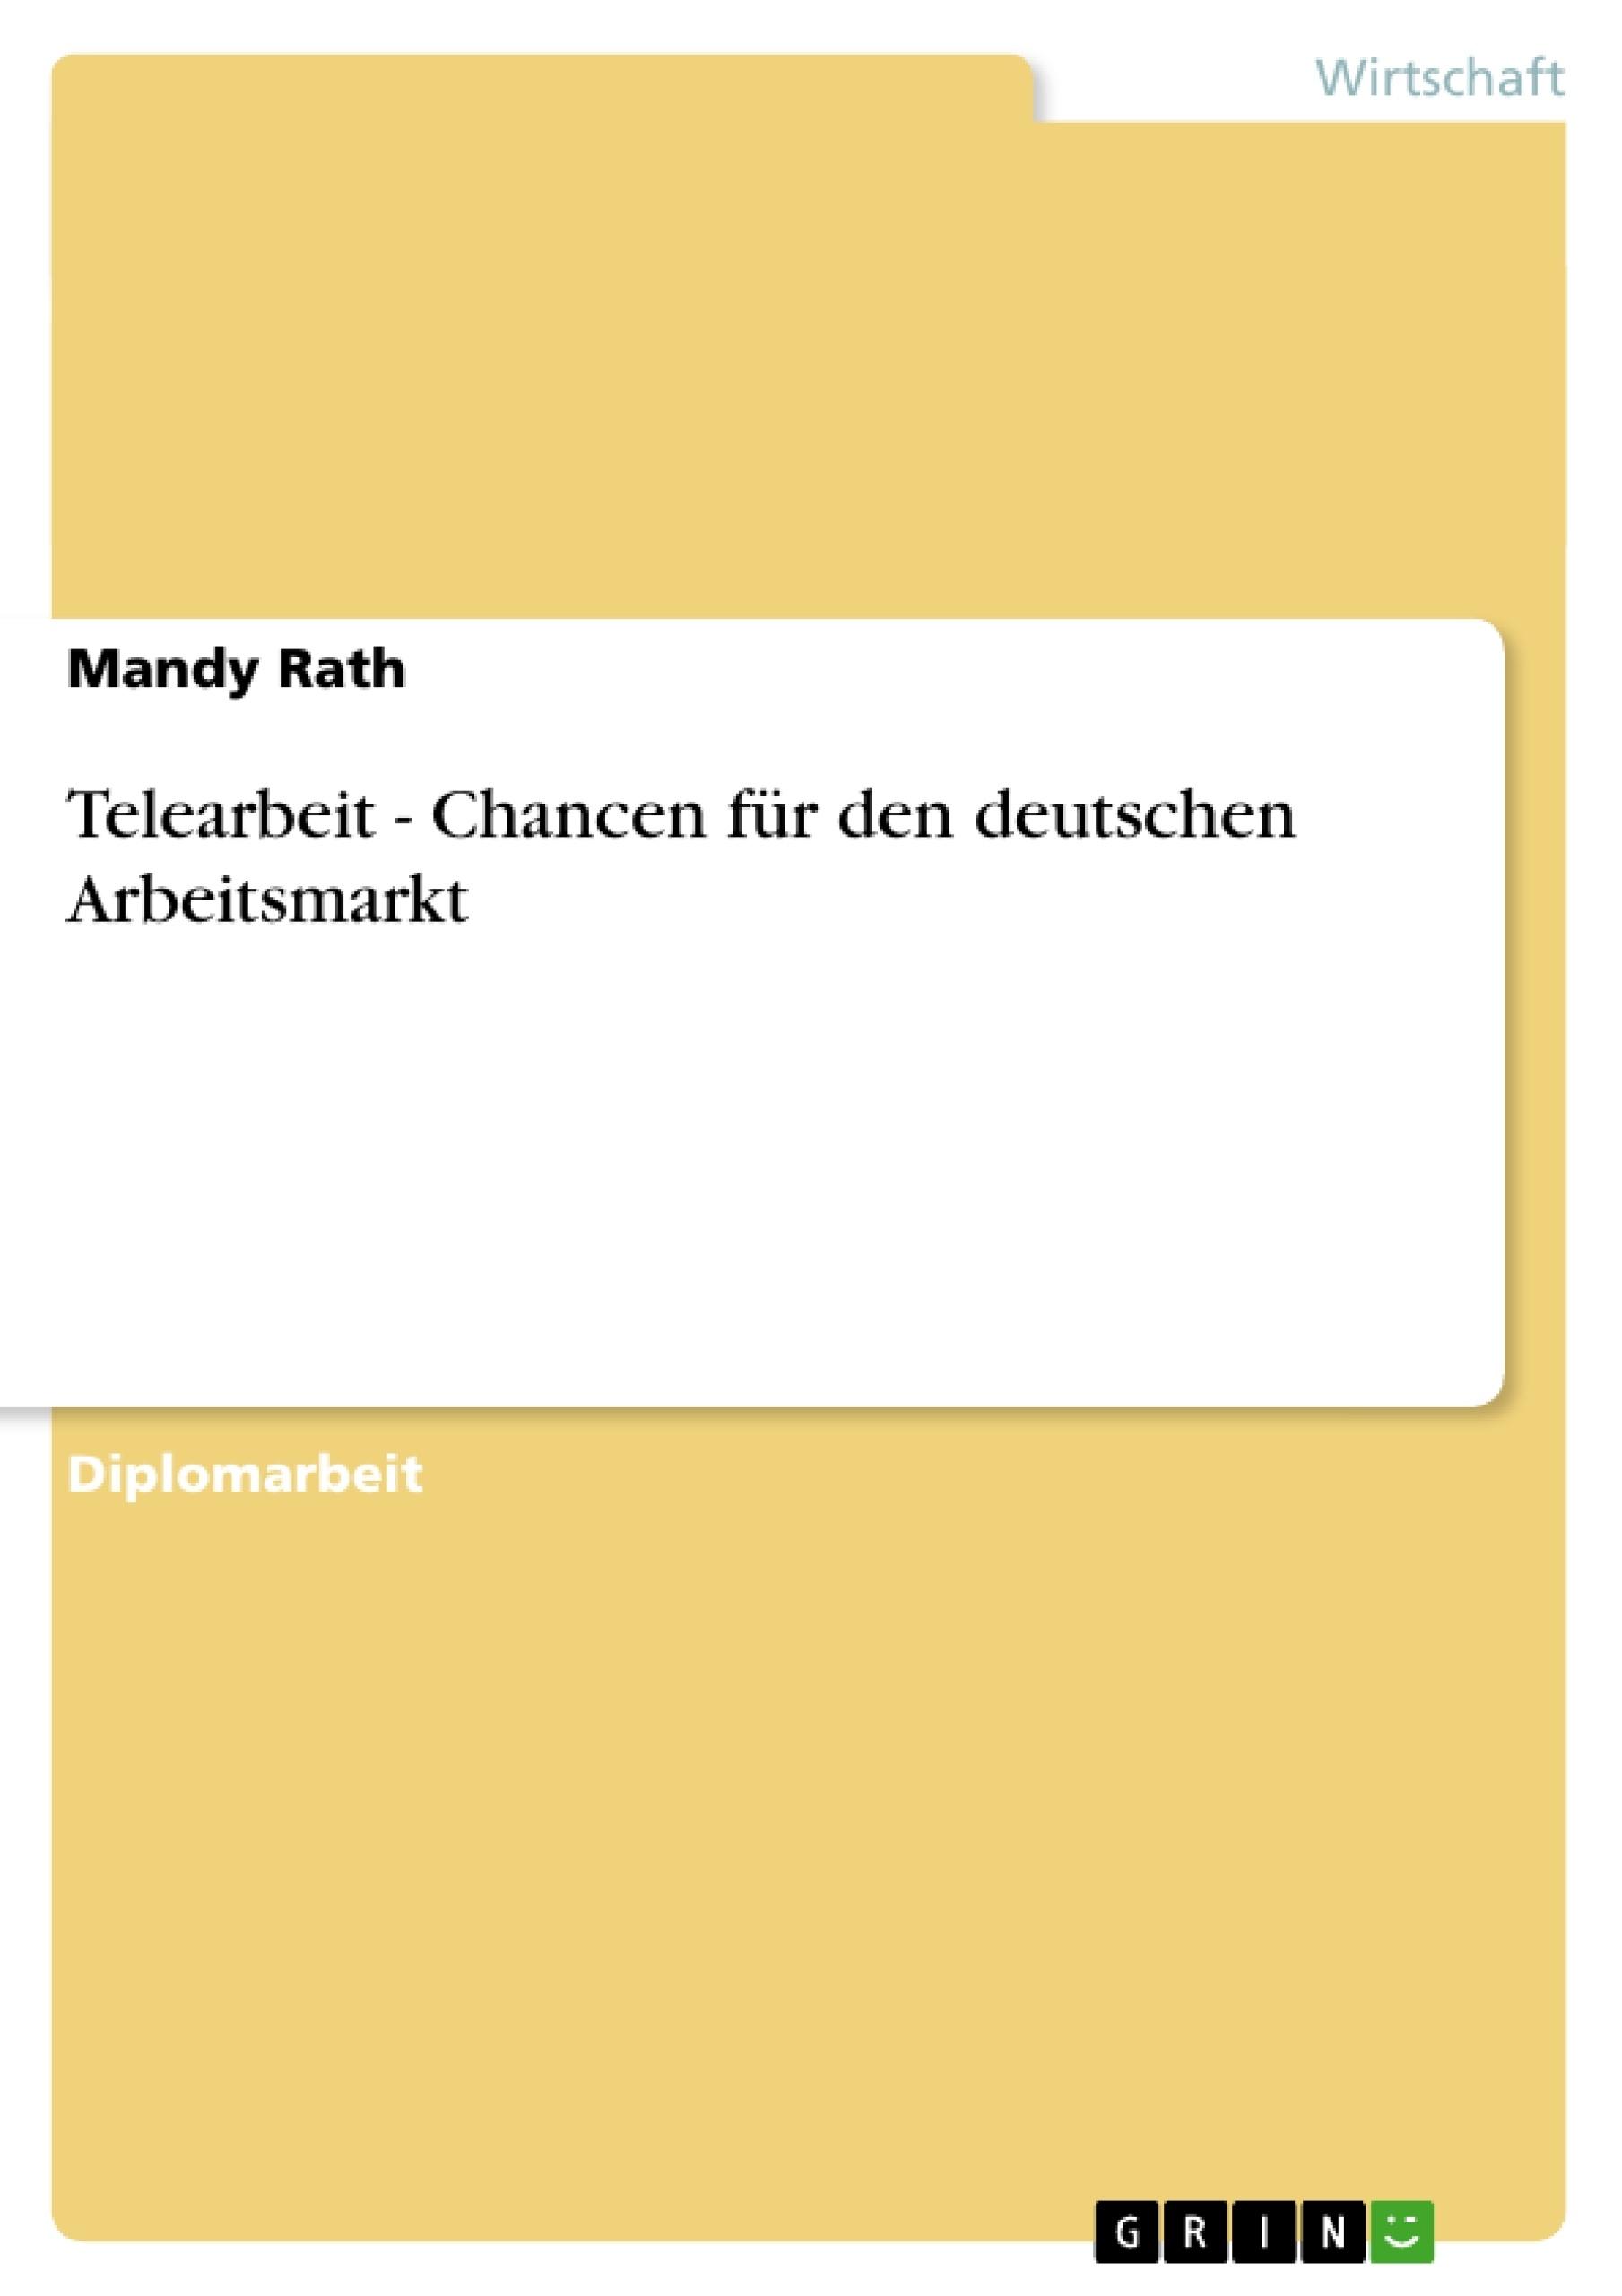 Titel: Telearbeit - Chancen für den deutschen Arbeitsmarkt